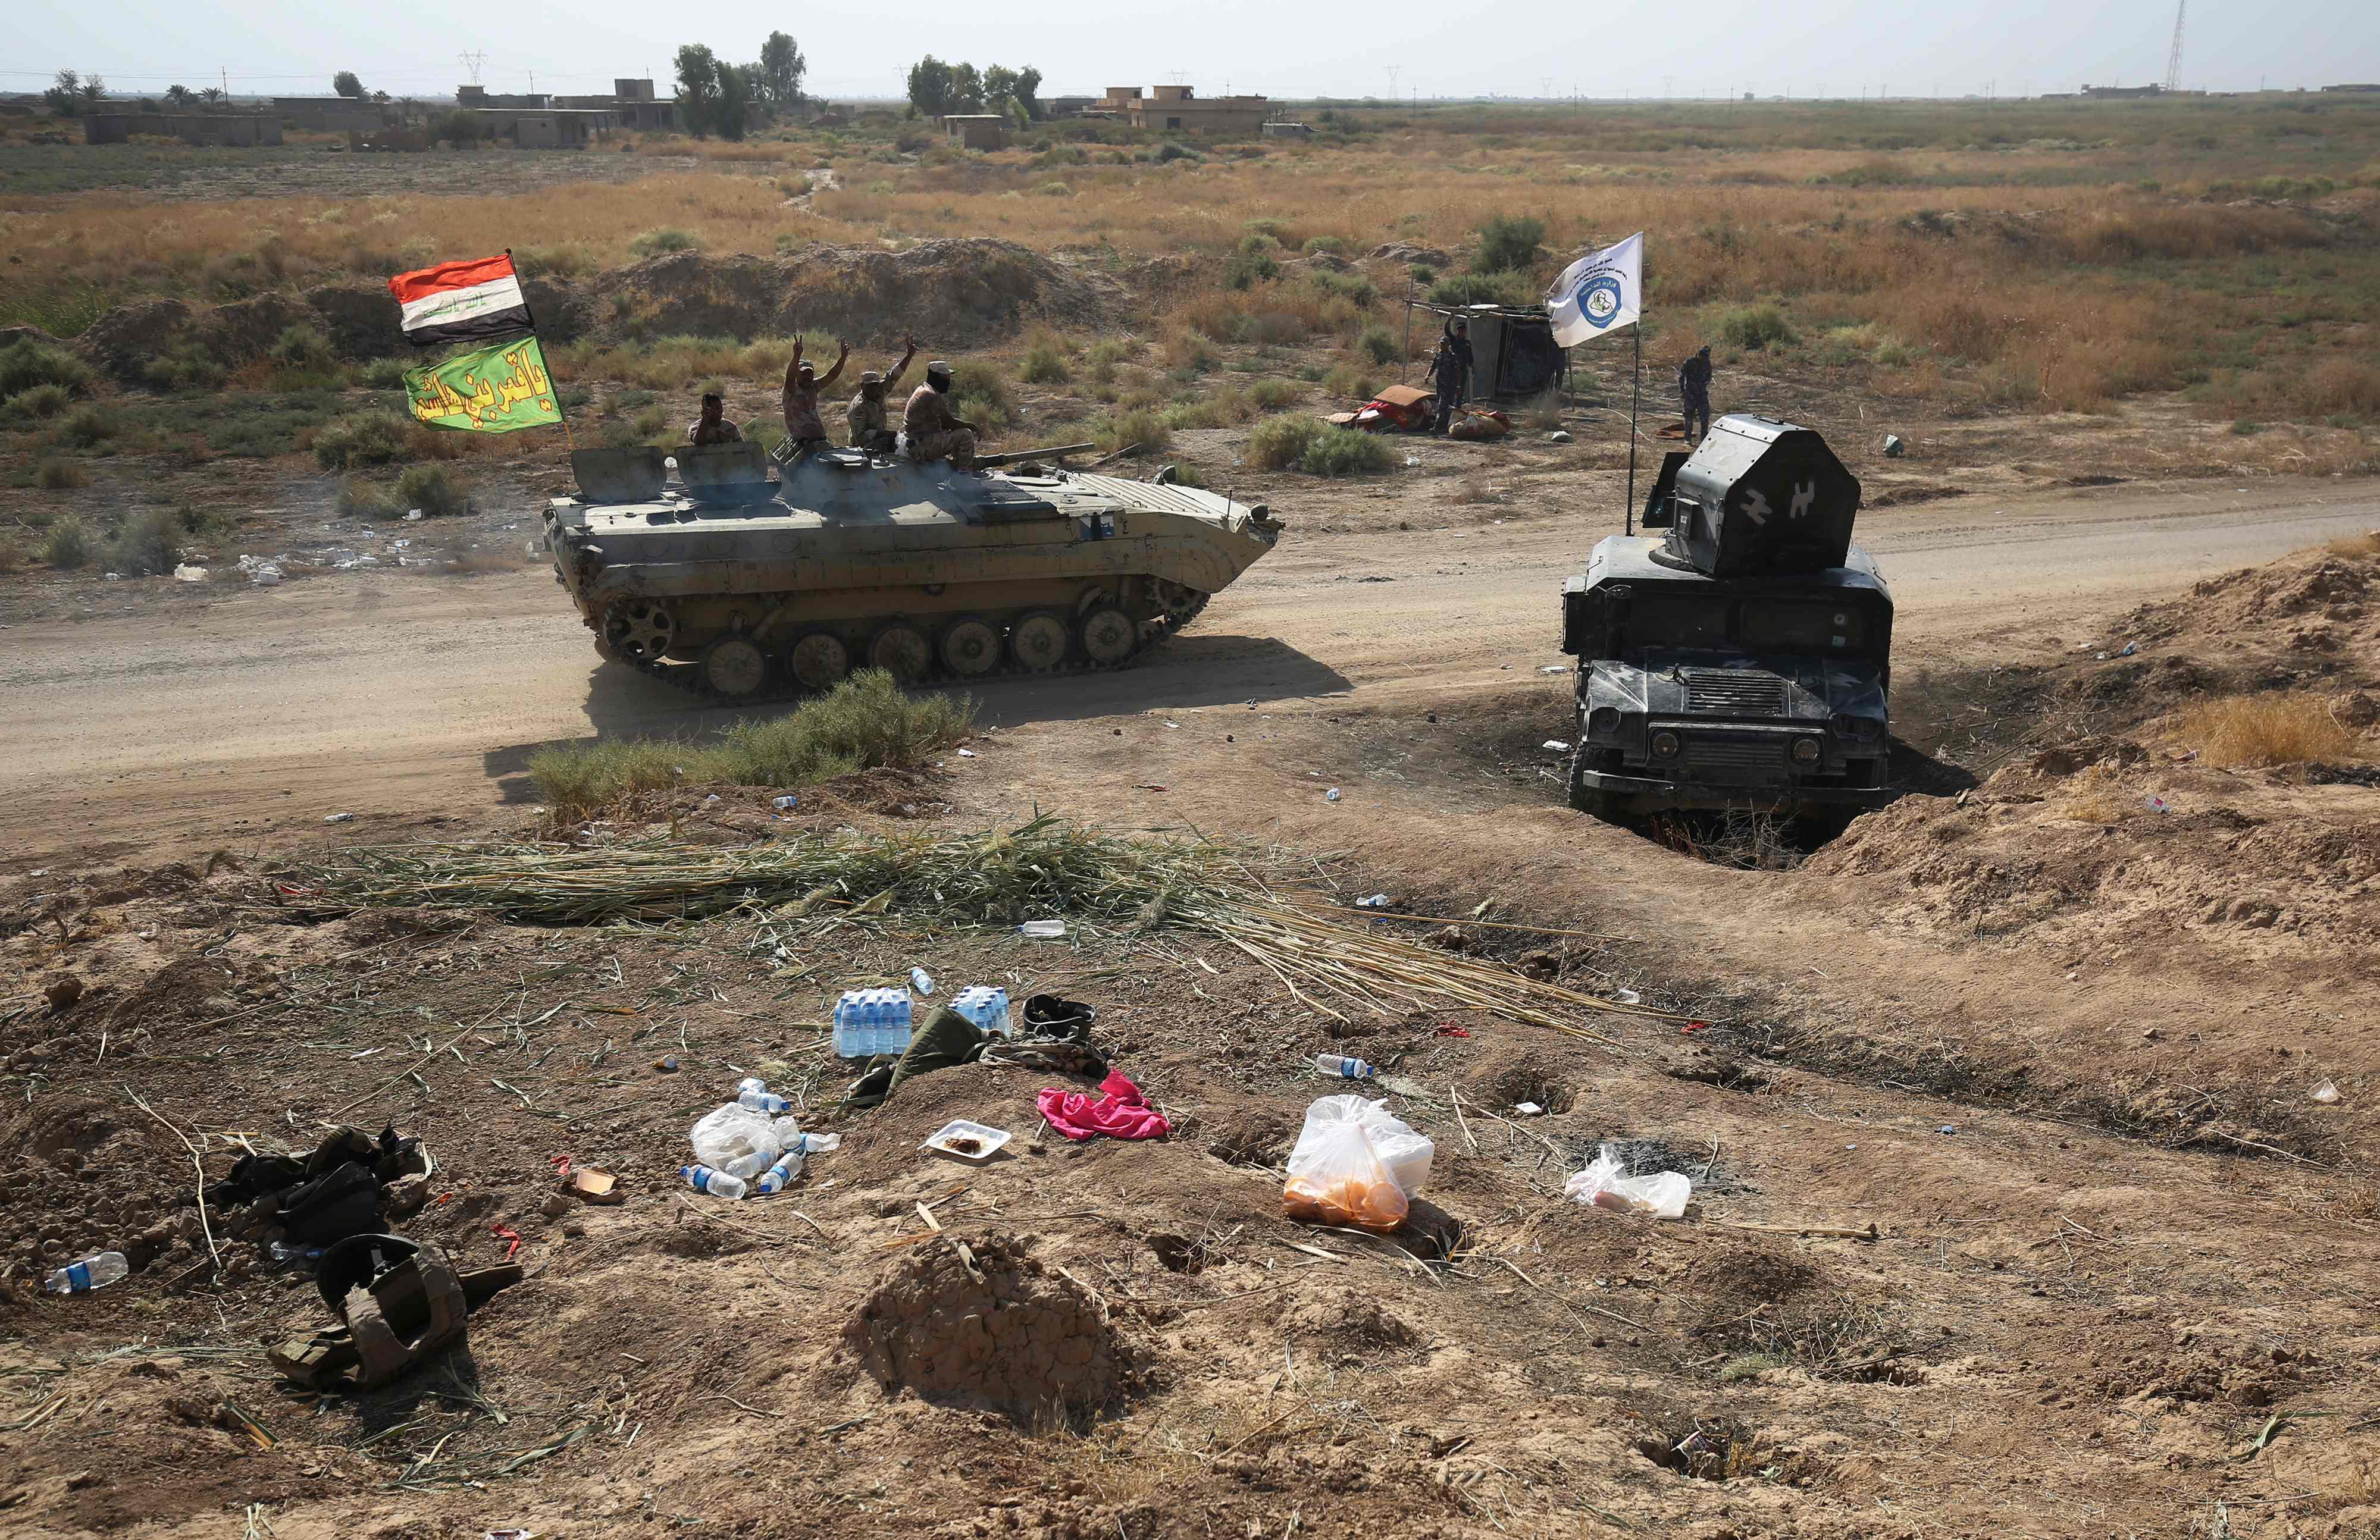 الأكراد يتركون أسلحتهم  ويفرون مع تقدم القوات العراقية